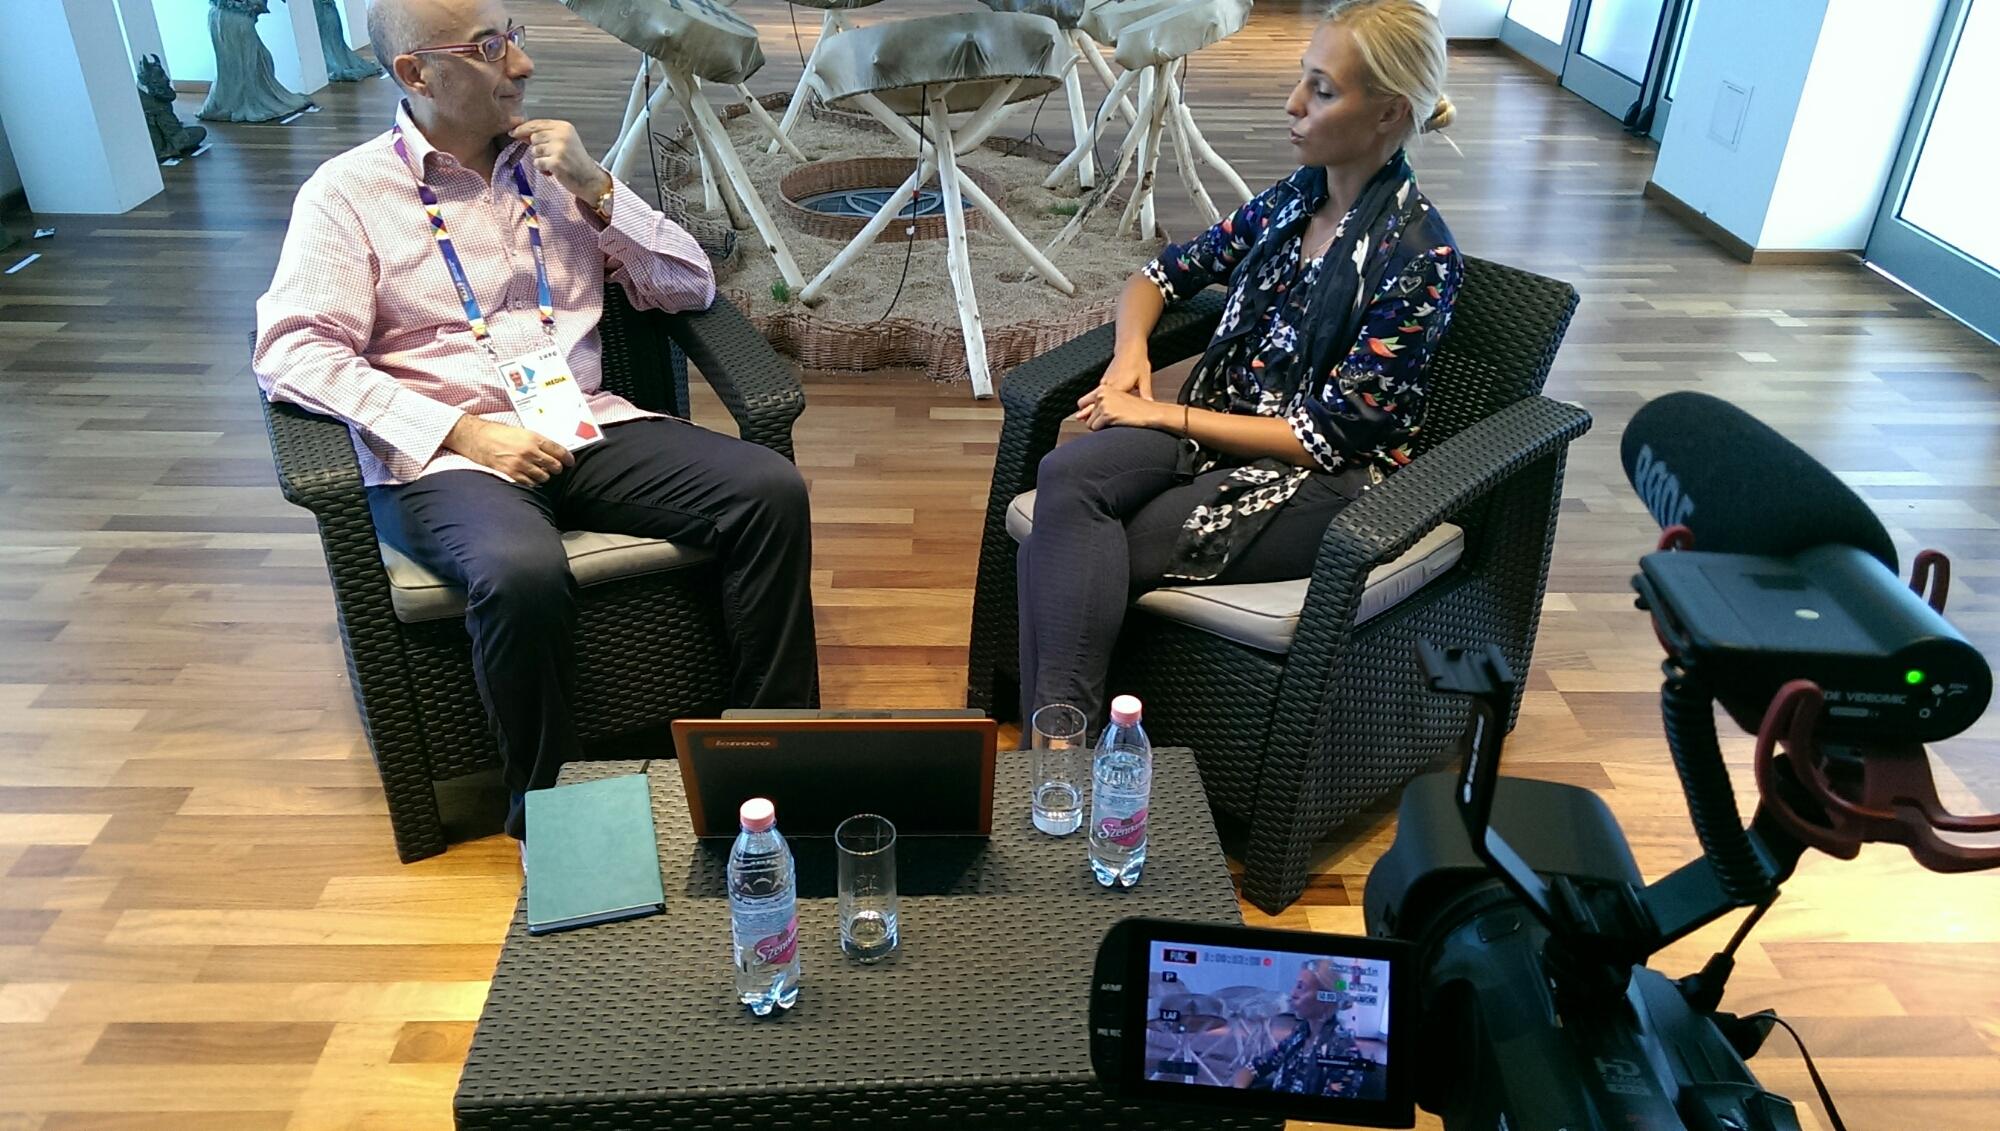 Intervista al padiglione Ungheria